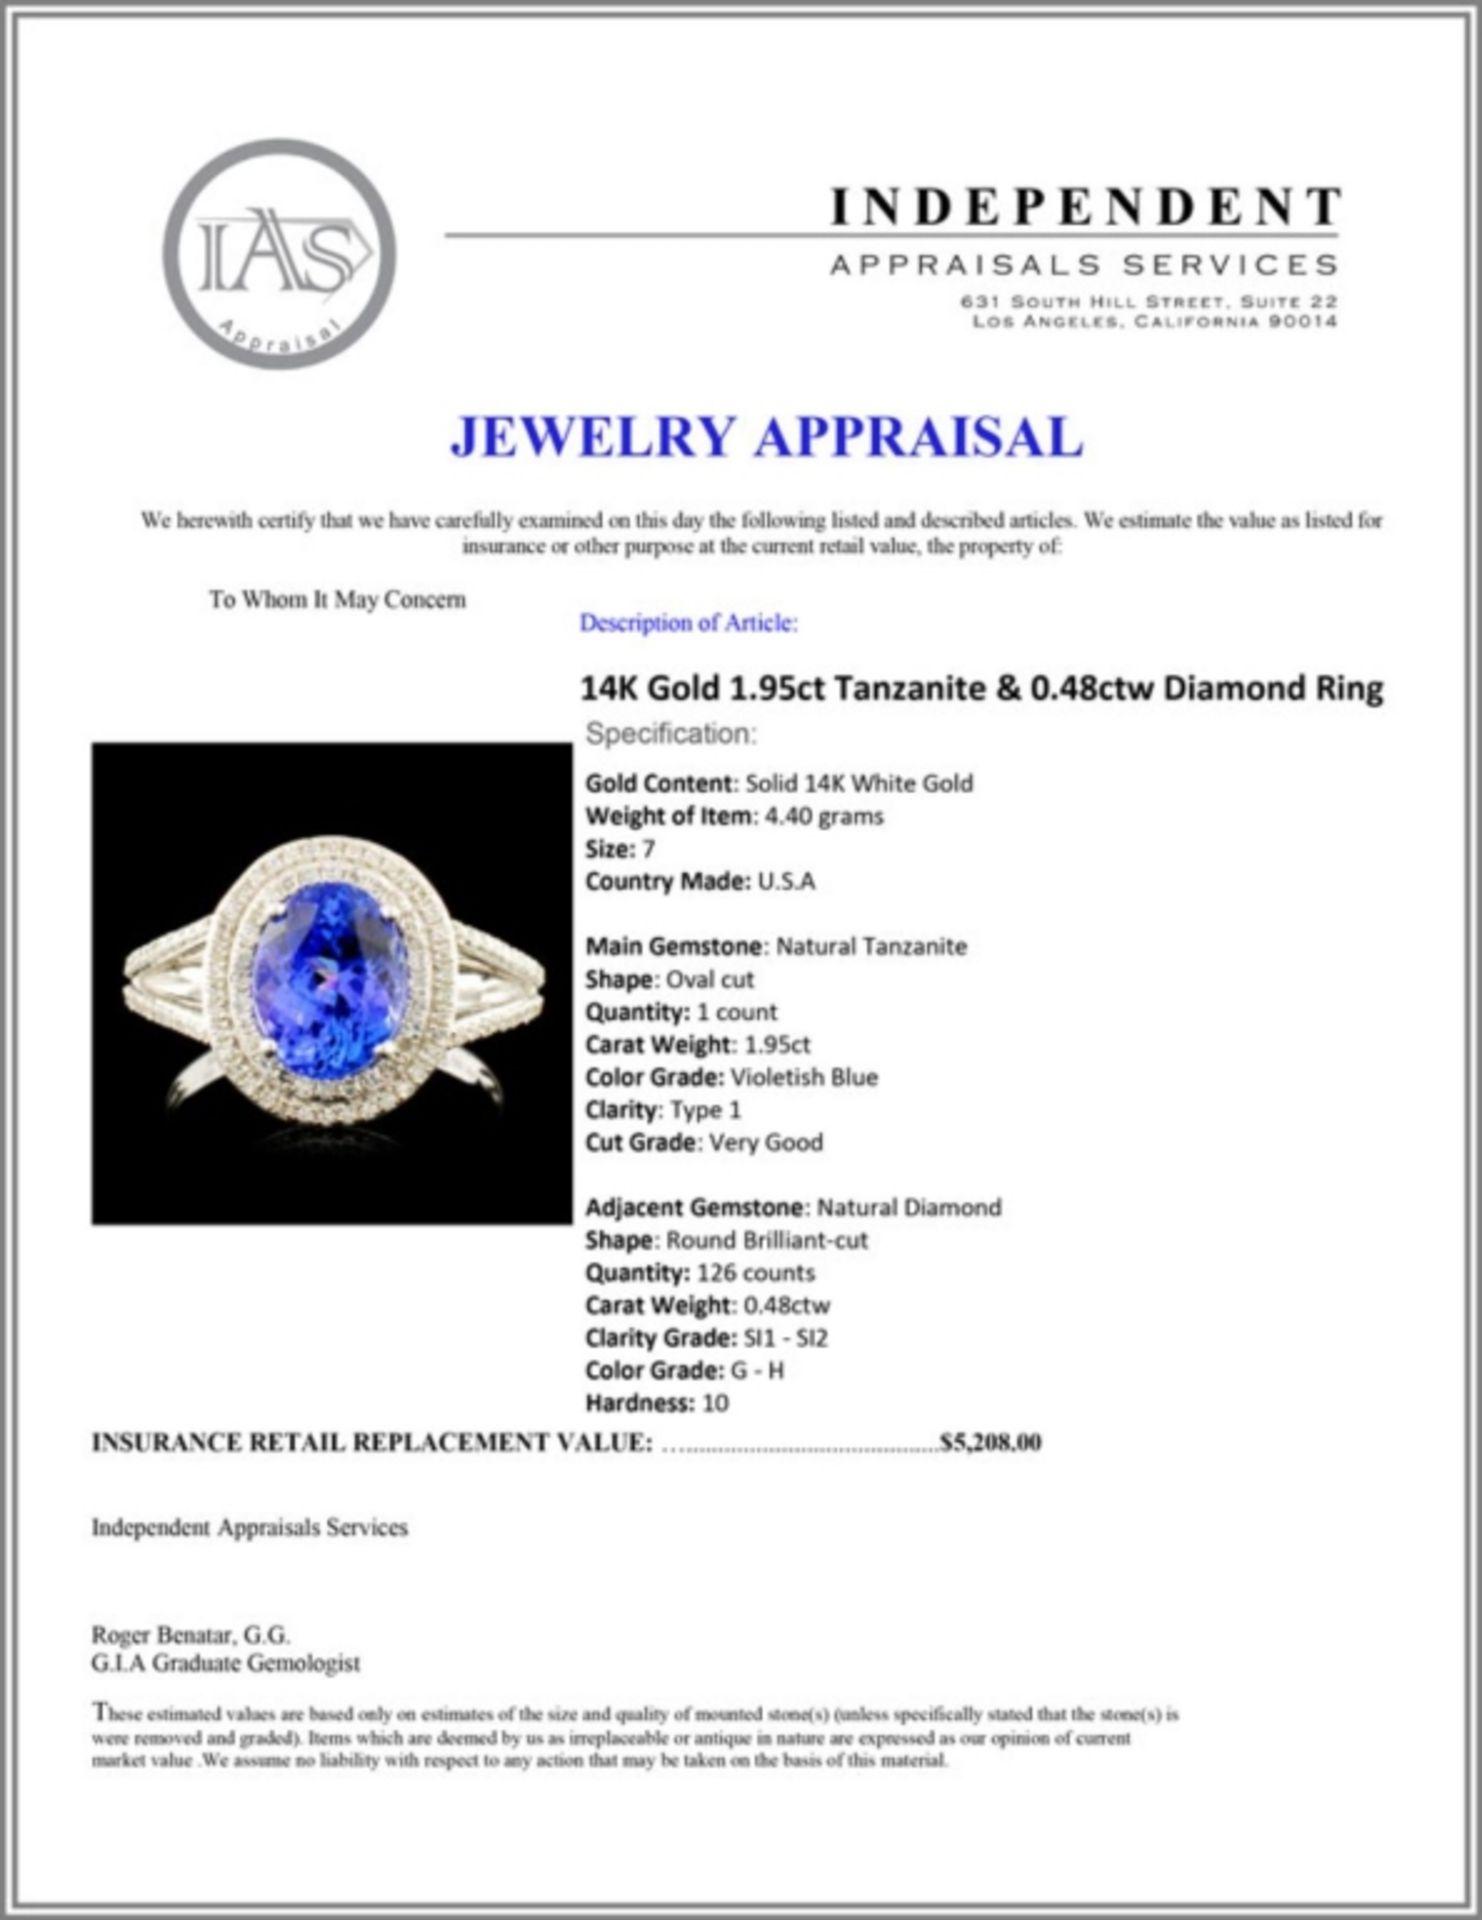 14K Gold 1.95ct Tanzanite & 0.48ctw Diamond Ring - Image 5 of 5